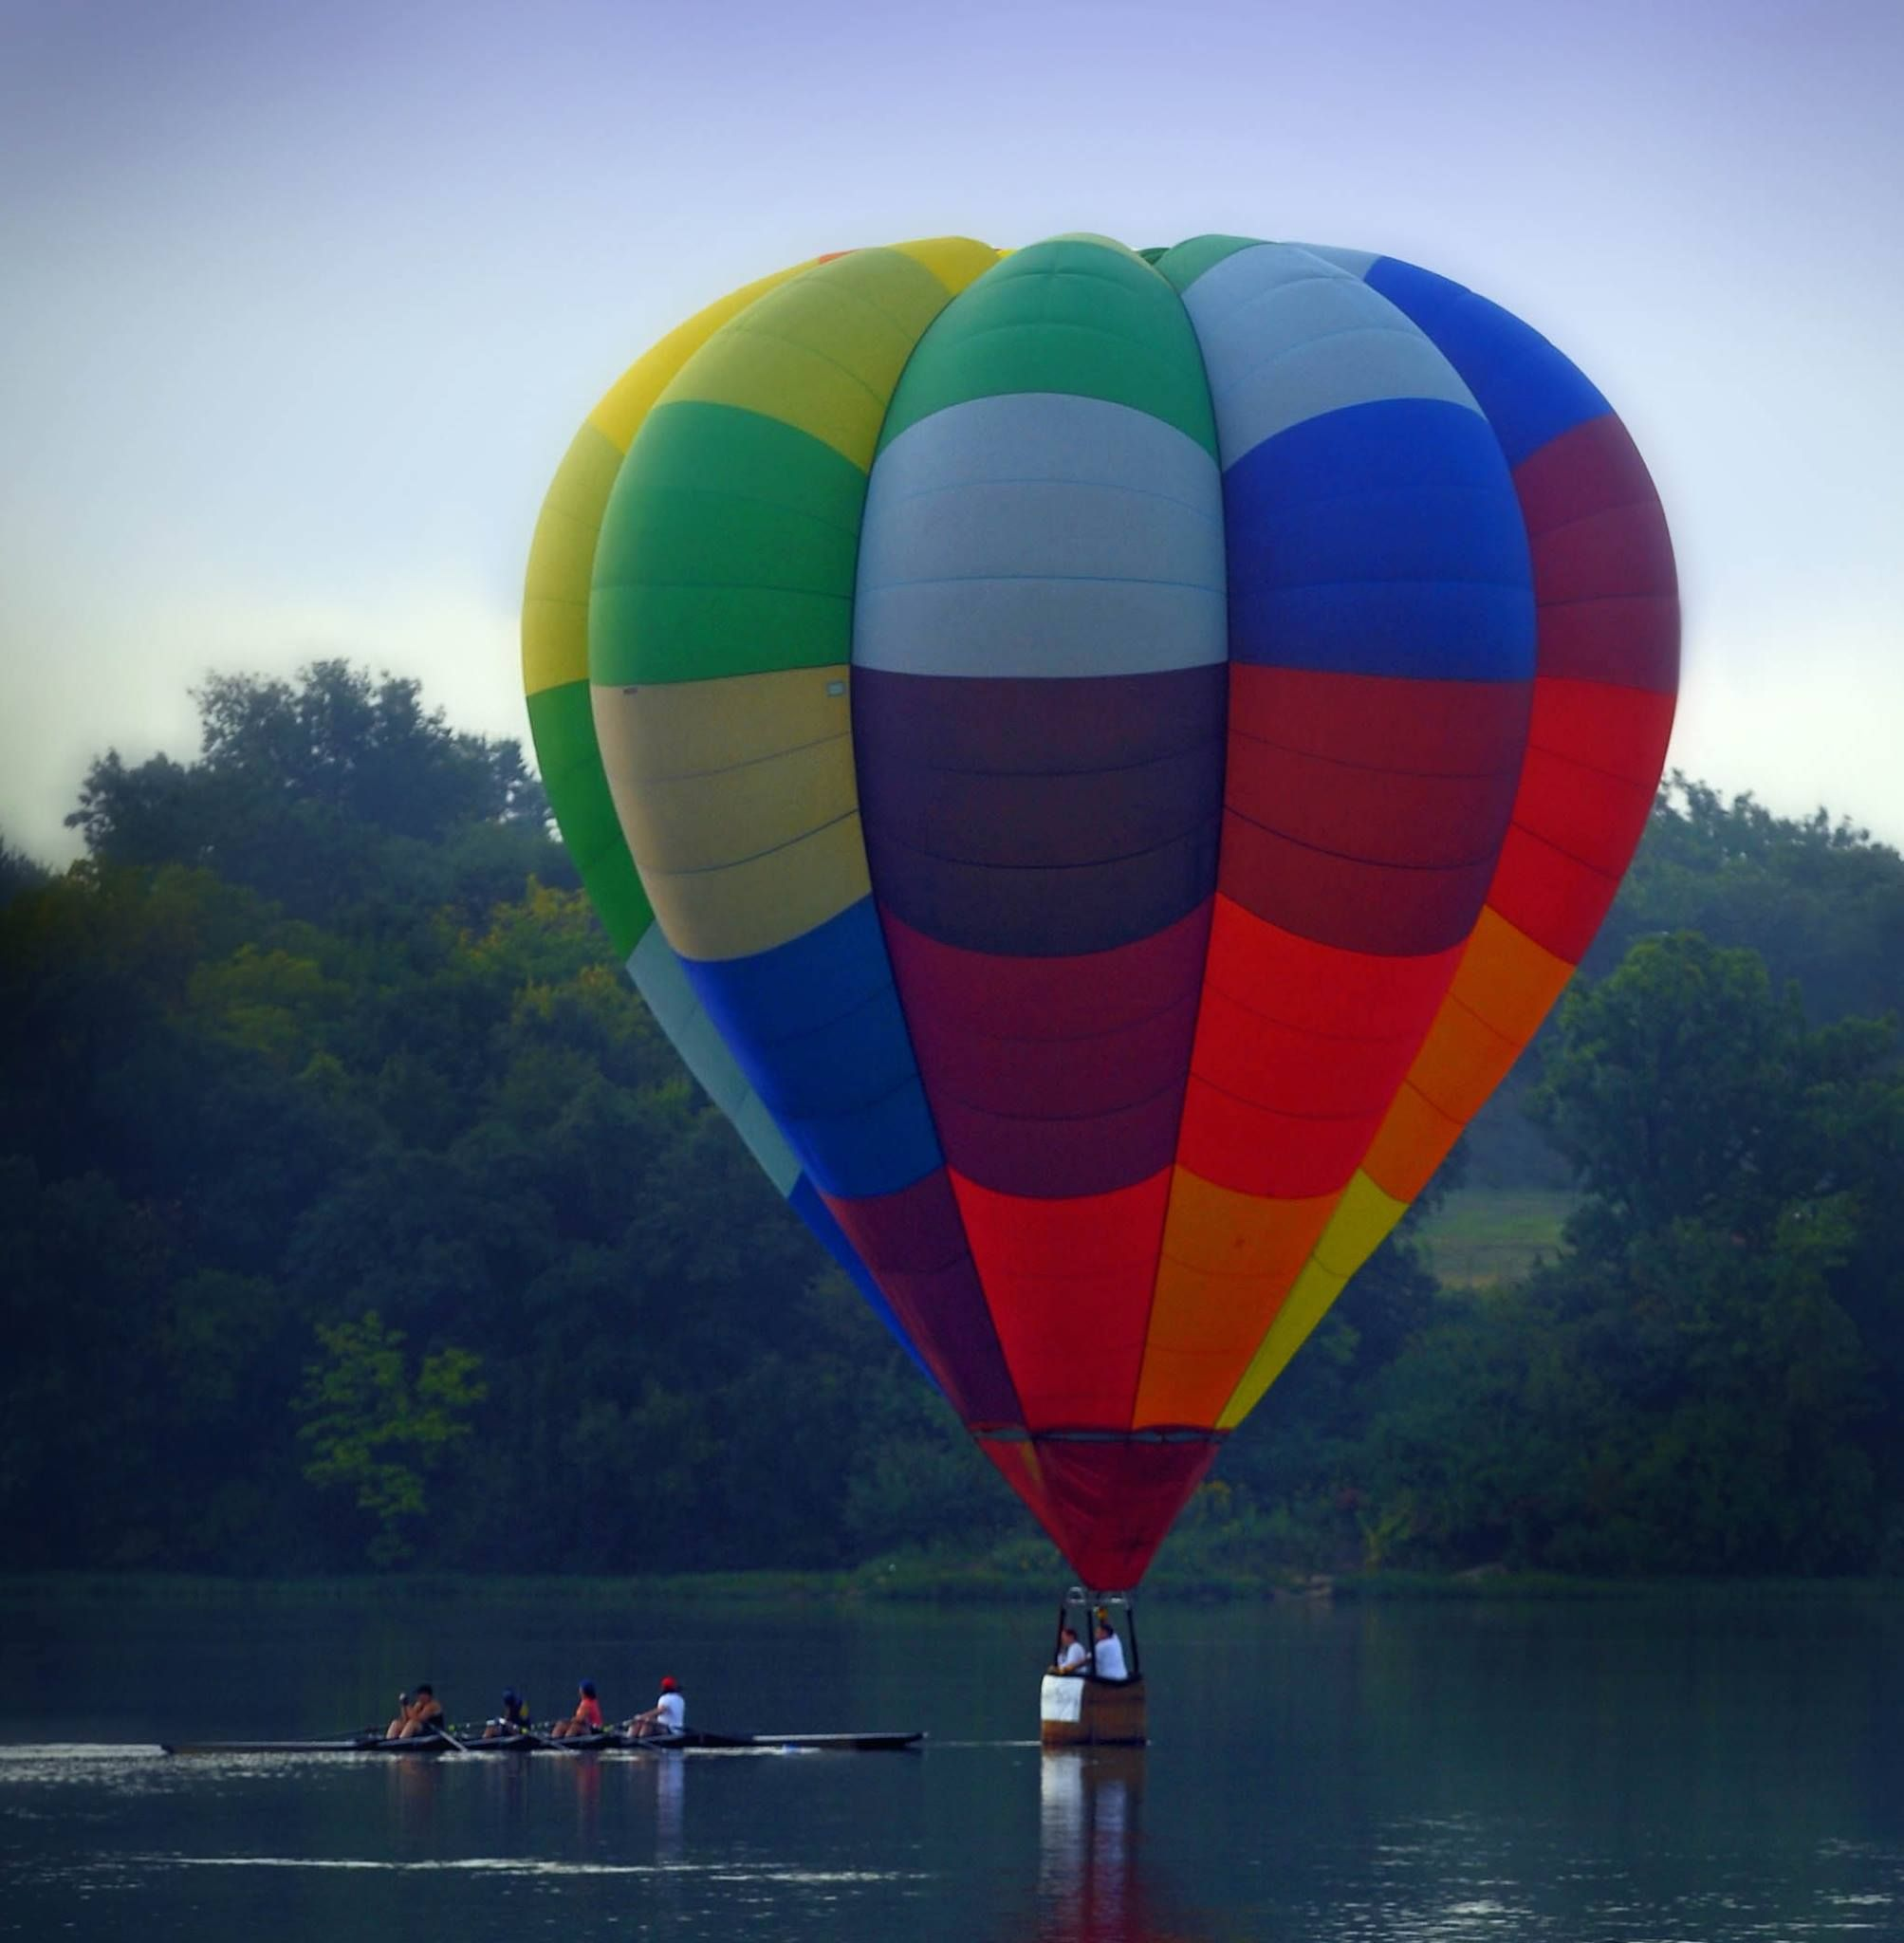 Albuquerque Volkswagen: Hot Air Balloon In Albuquerque, NM 2014 Balloon Fiesta